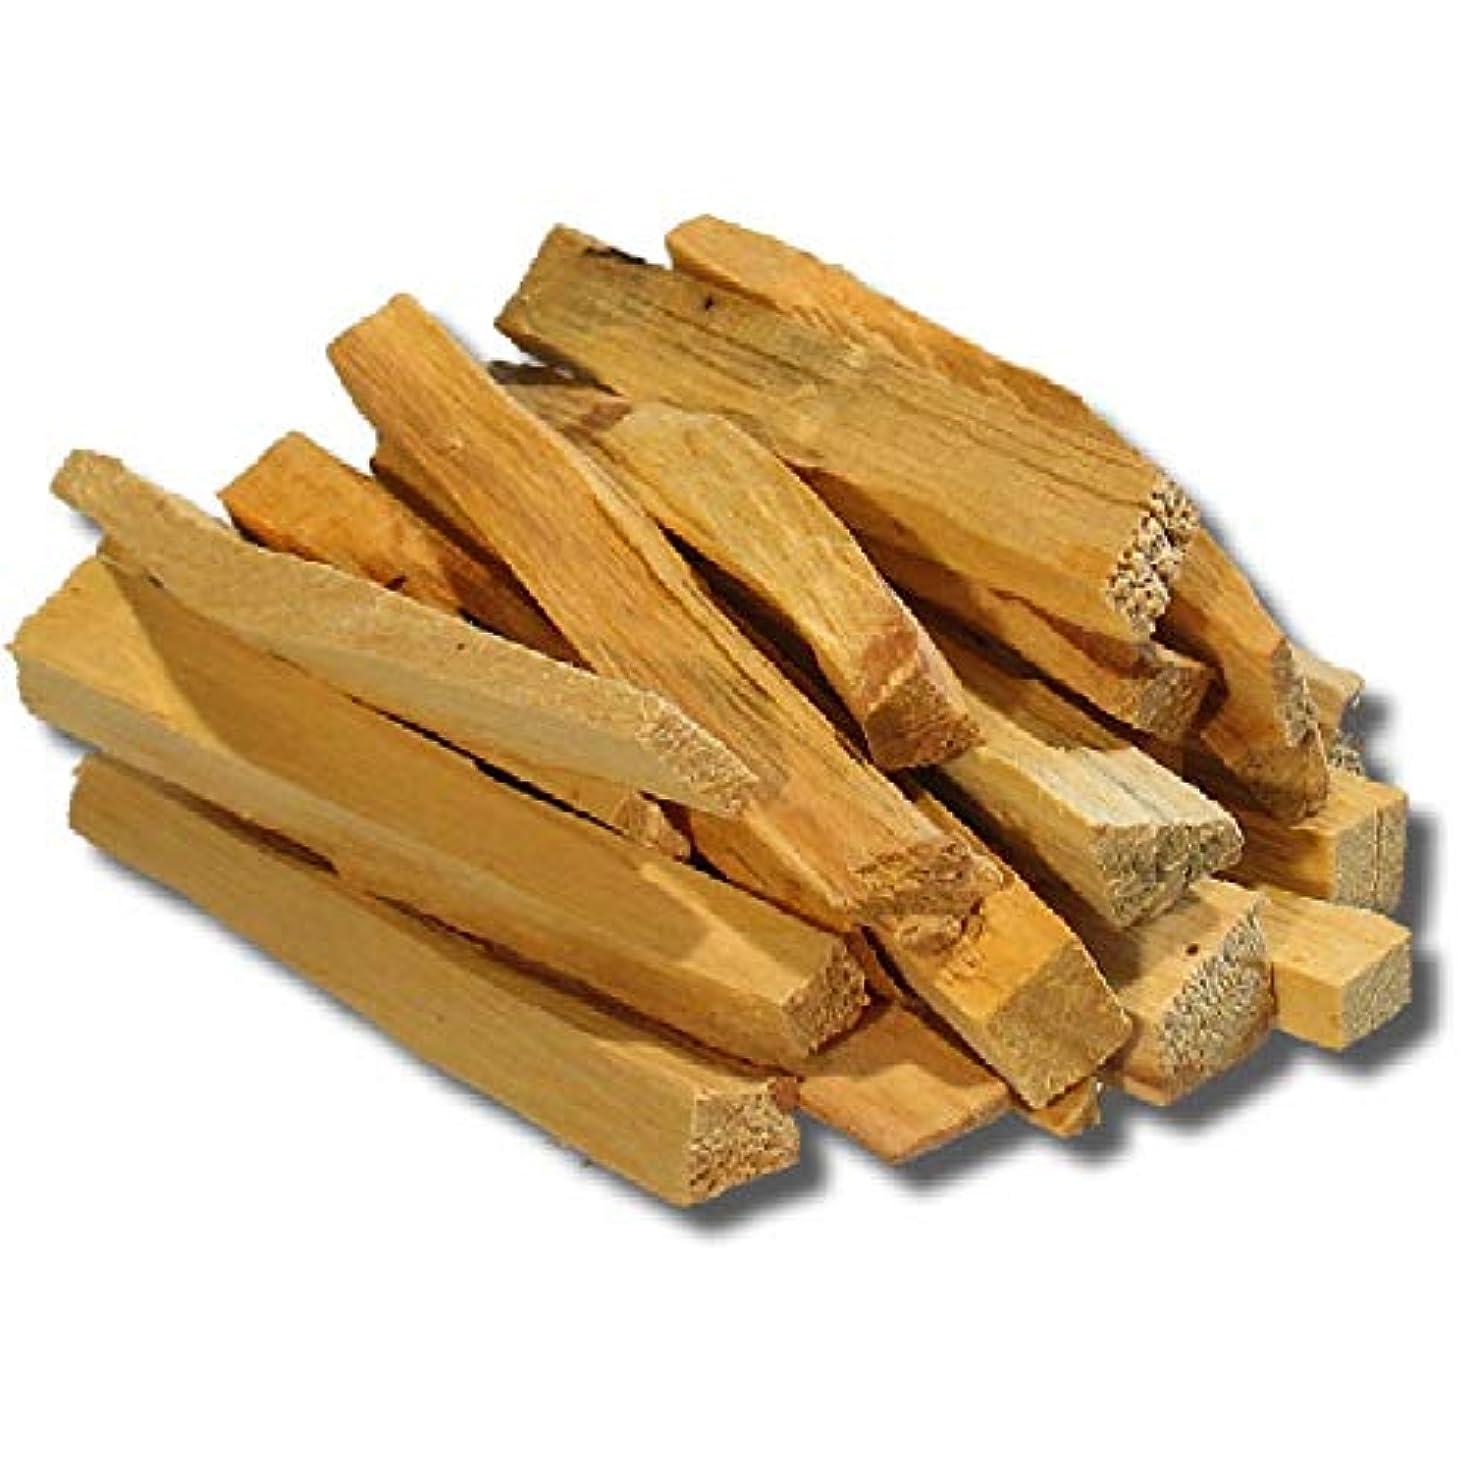 処理する失業スリラーPalo Santo Holy Wood Incense Sticks 11個